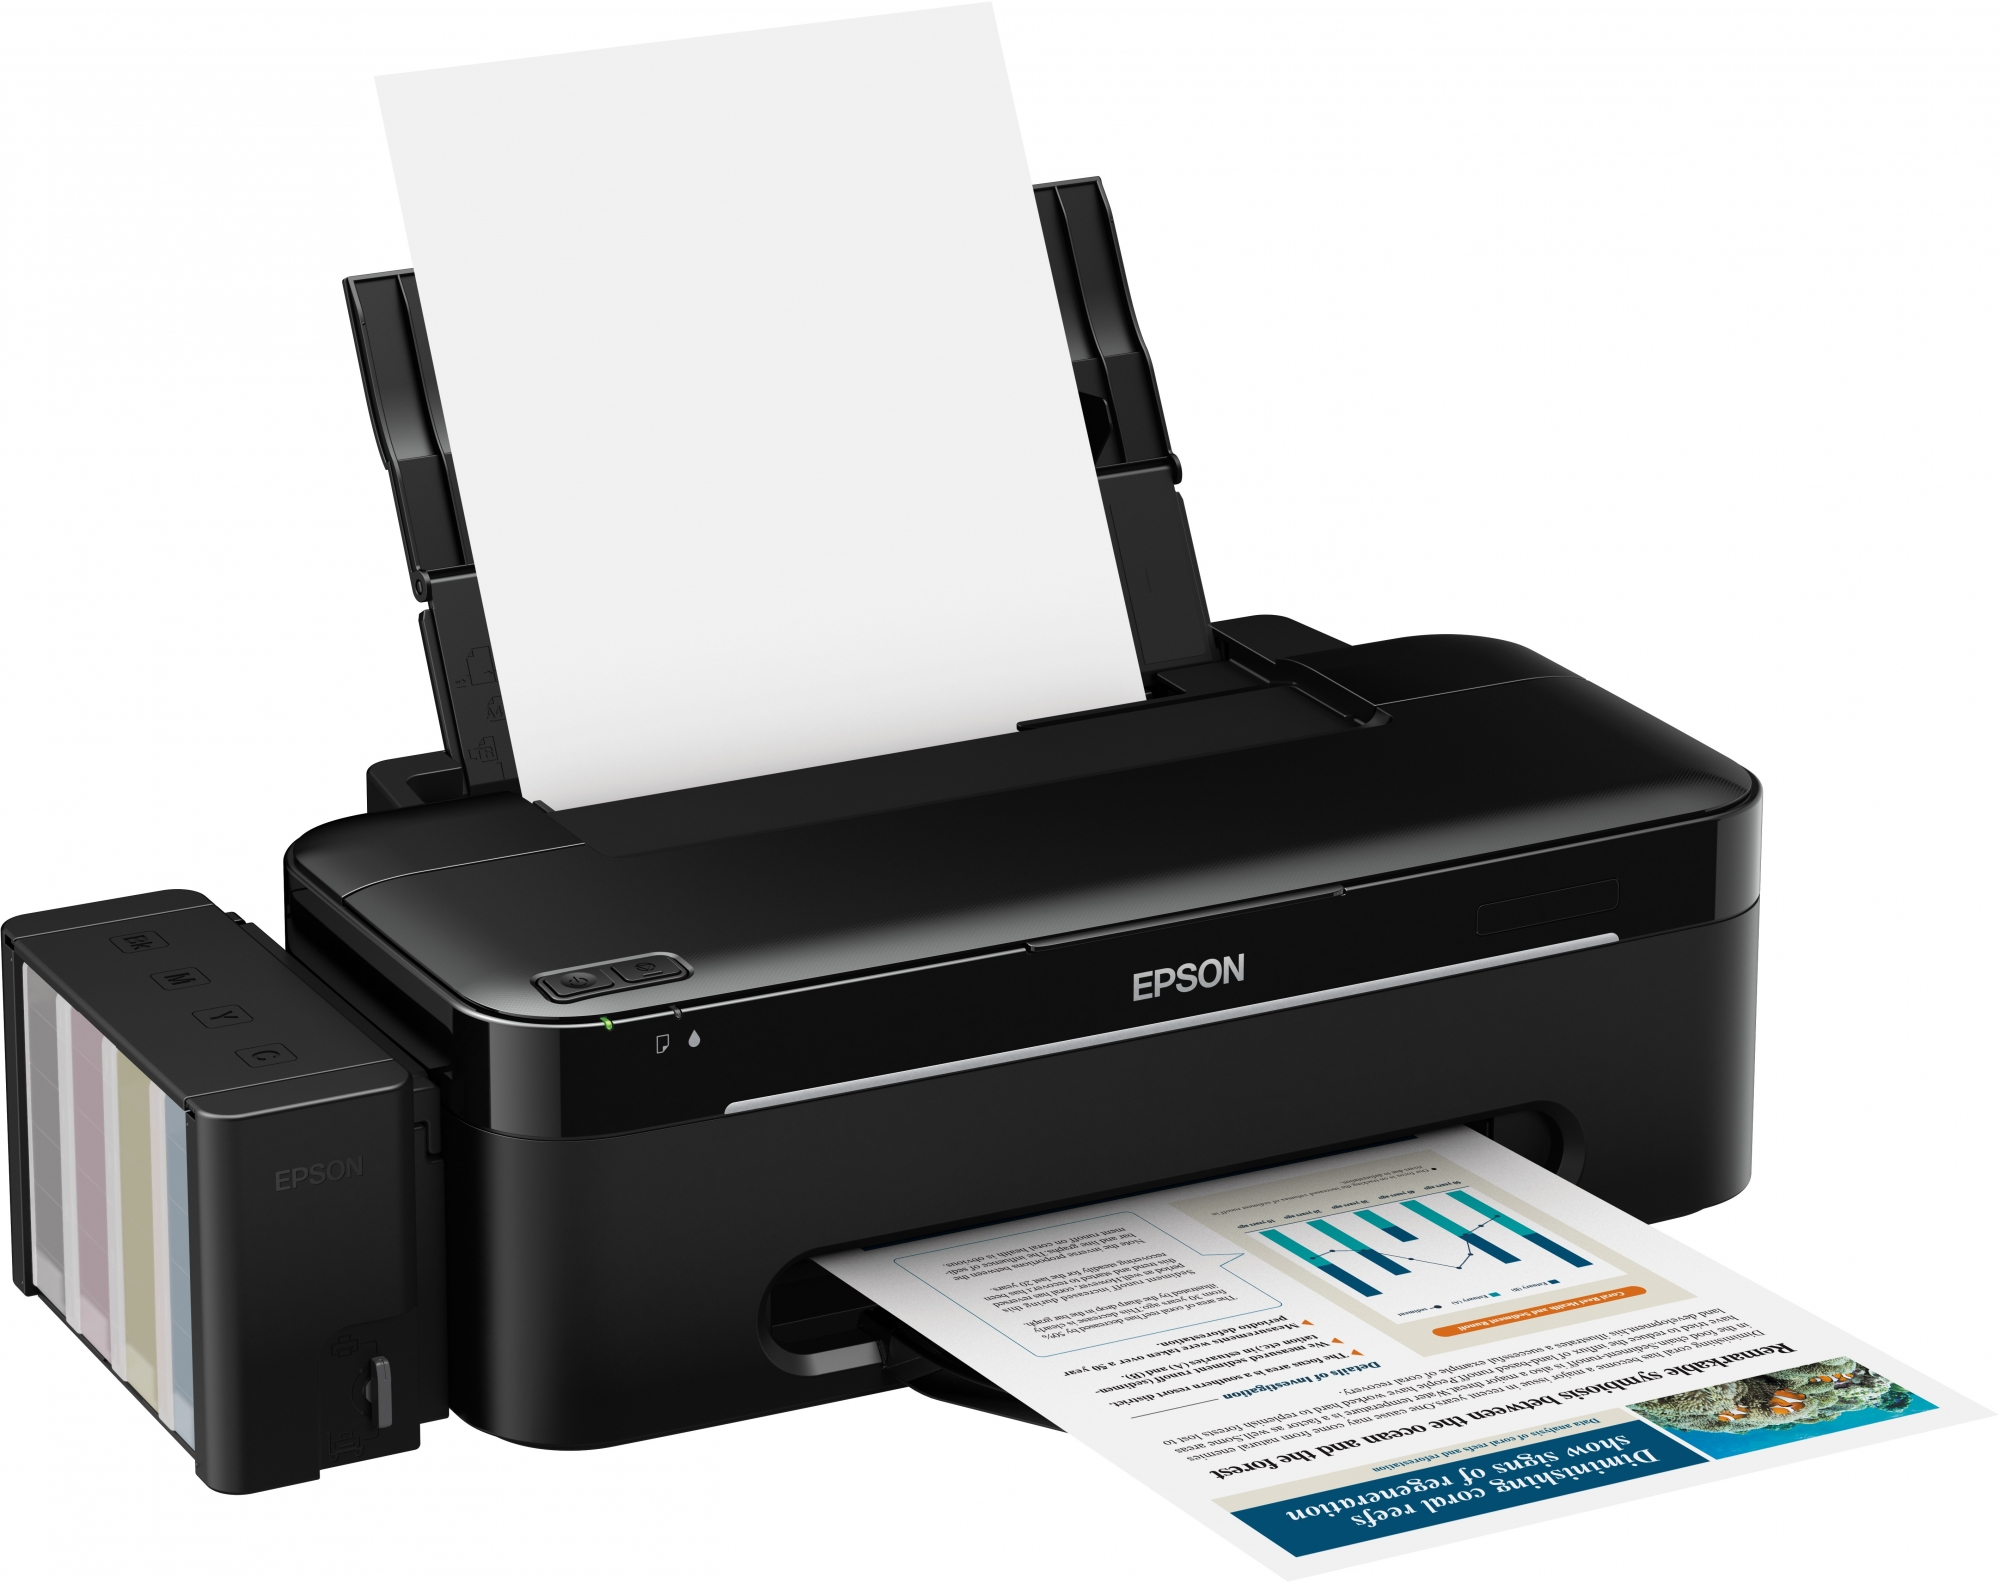 Почему не работает сканер а принтер работает